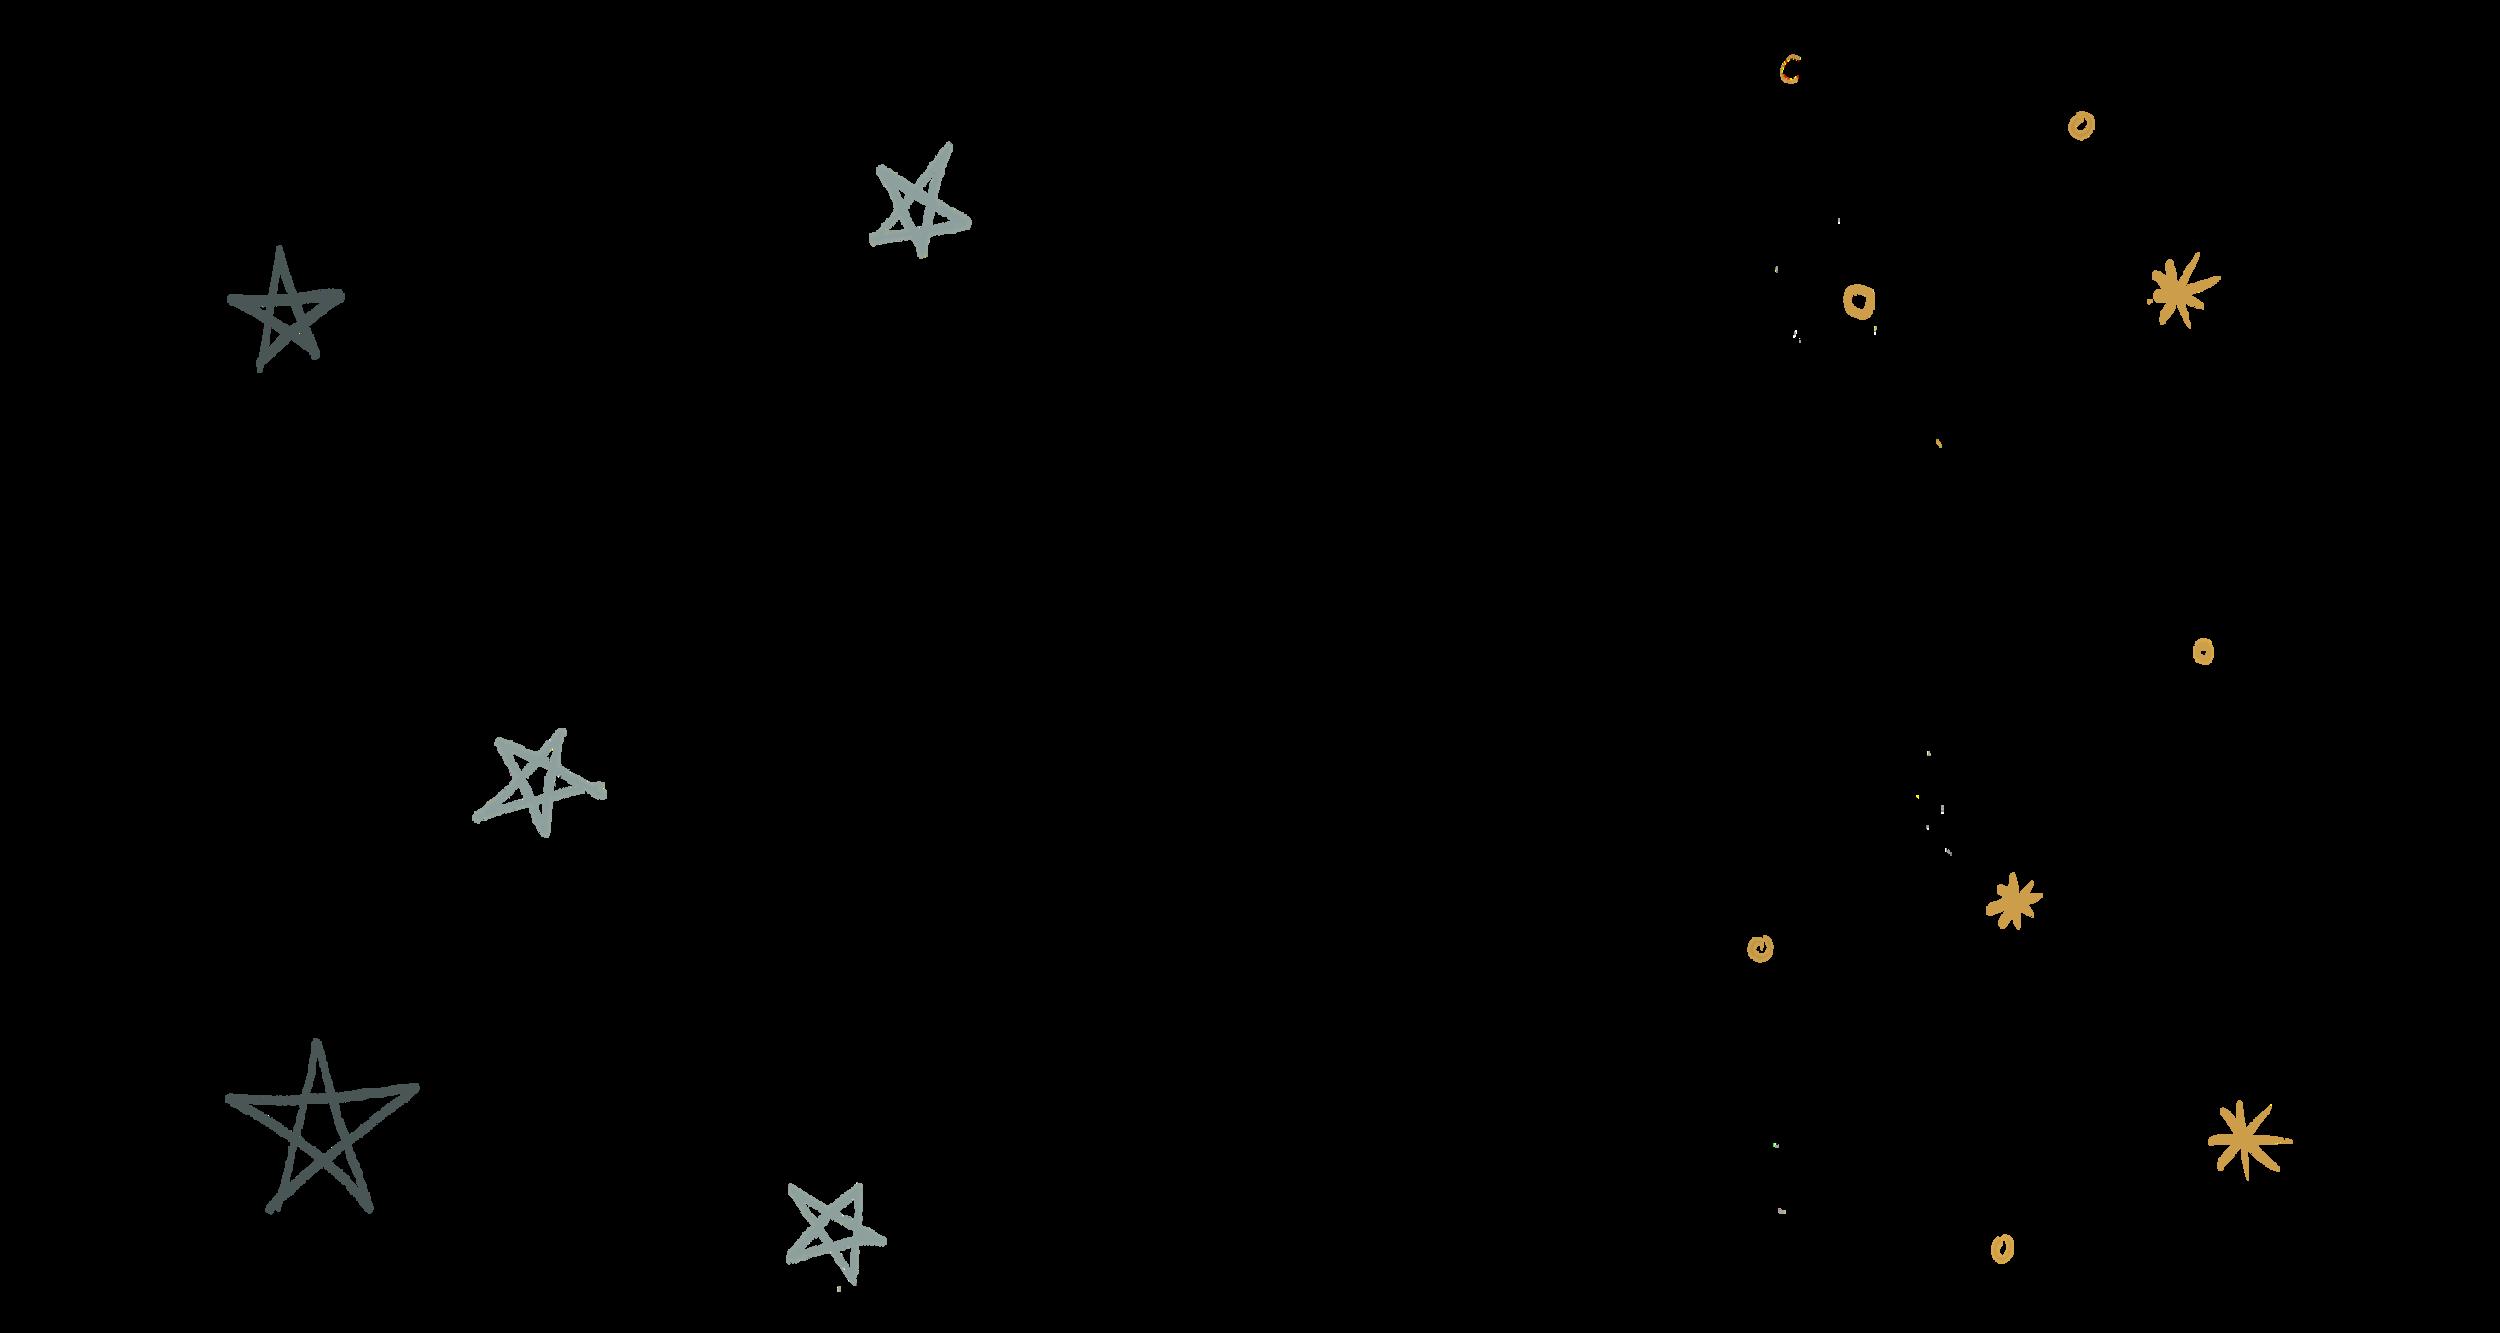 Stars_Overlay_v5.png